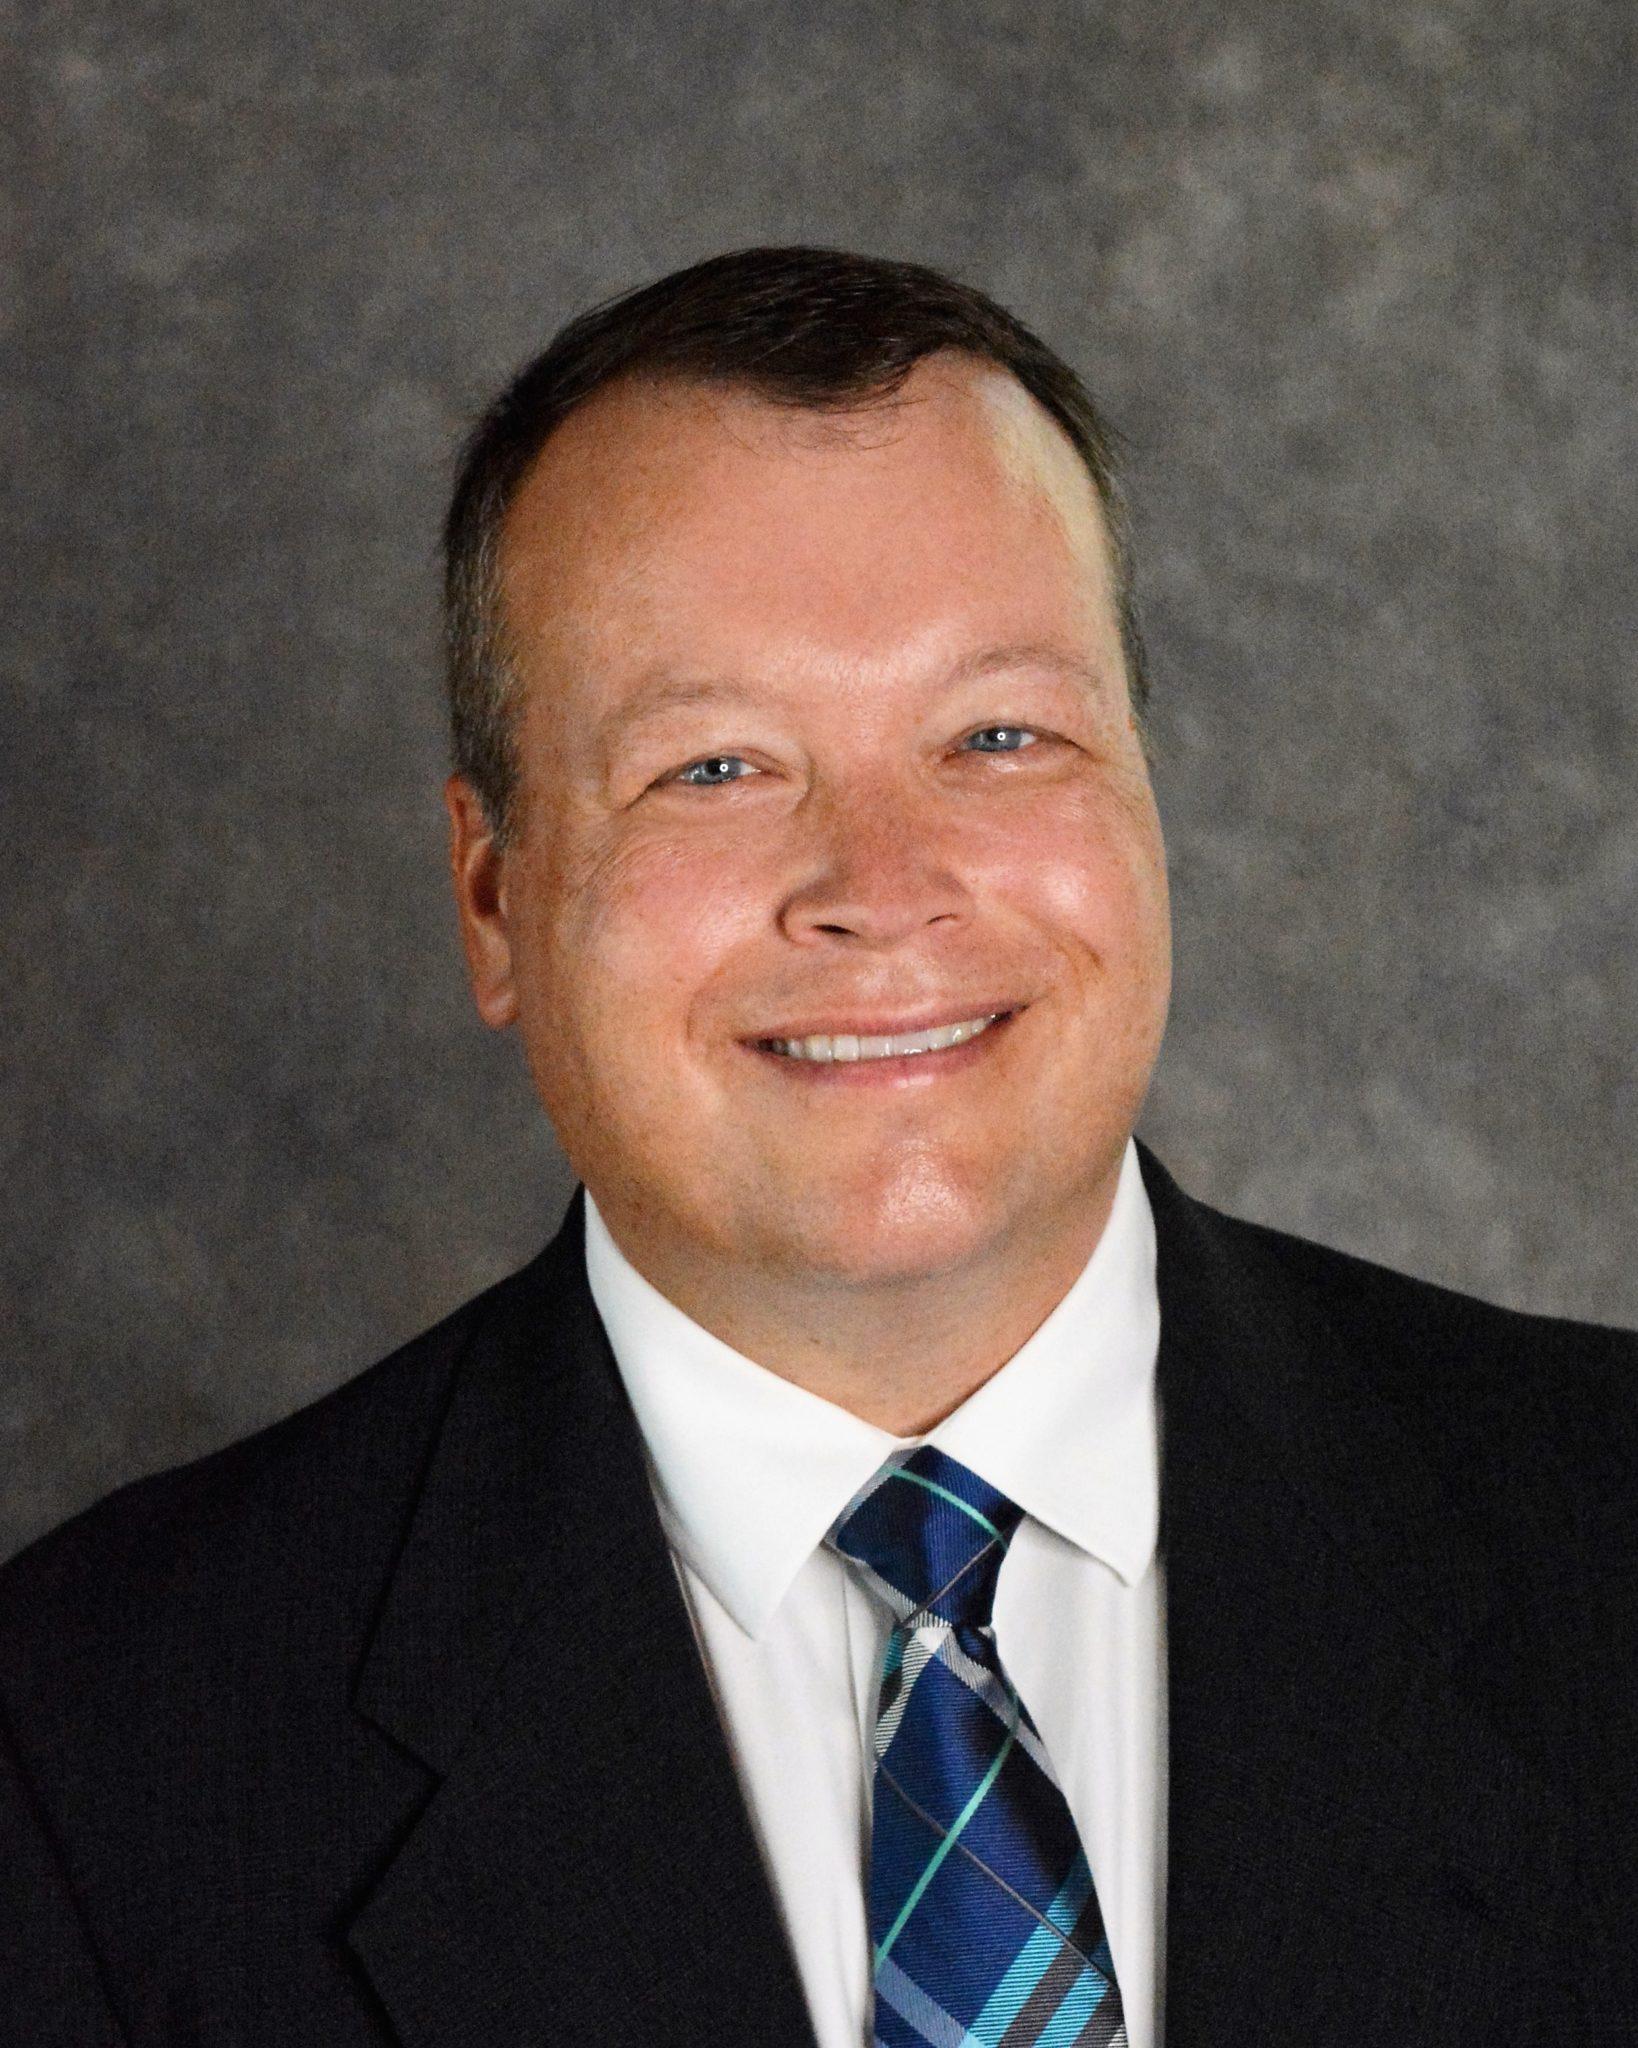 Andrew J. Van Erp